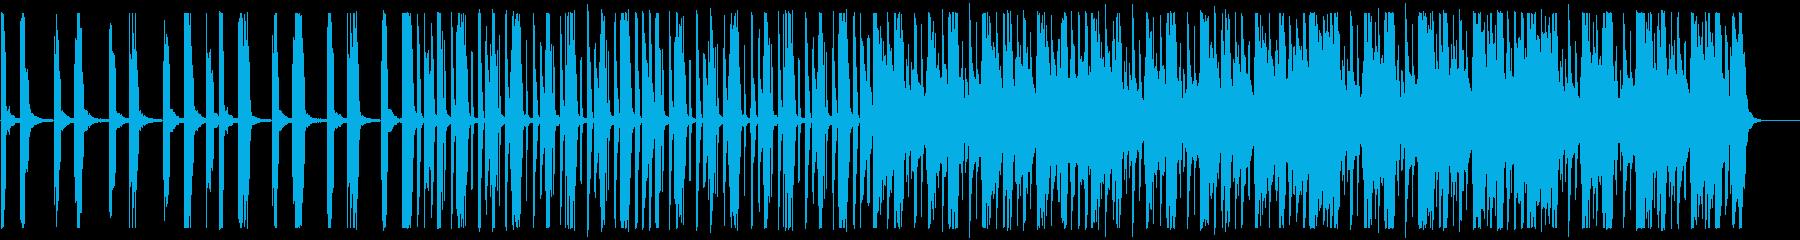 キラキラ/ローファイ_No593_2の再生済みの波形